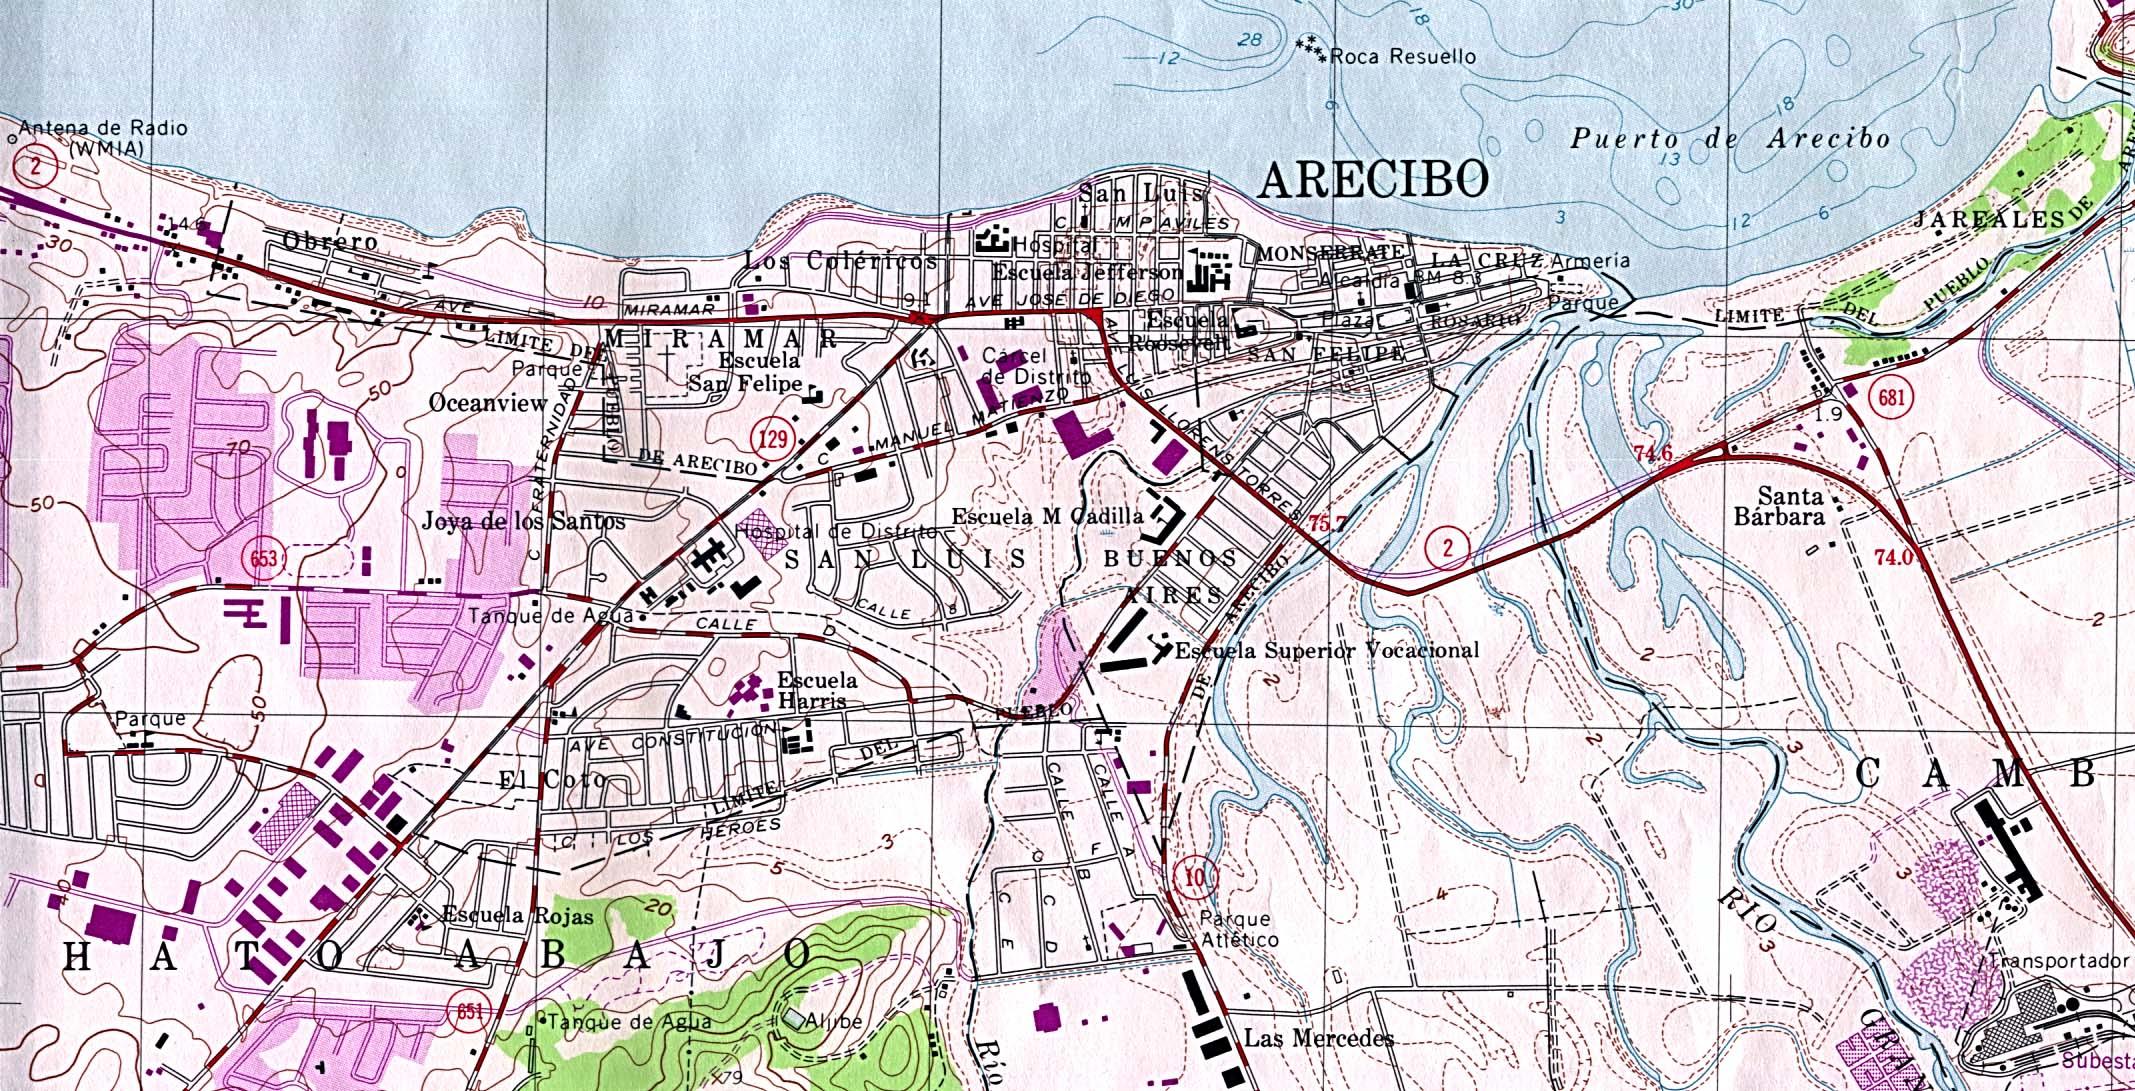 Arecibo City Map, Puerto Rico